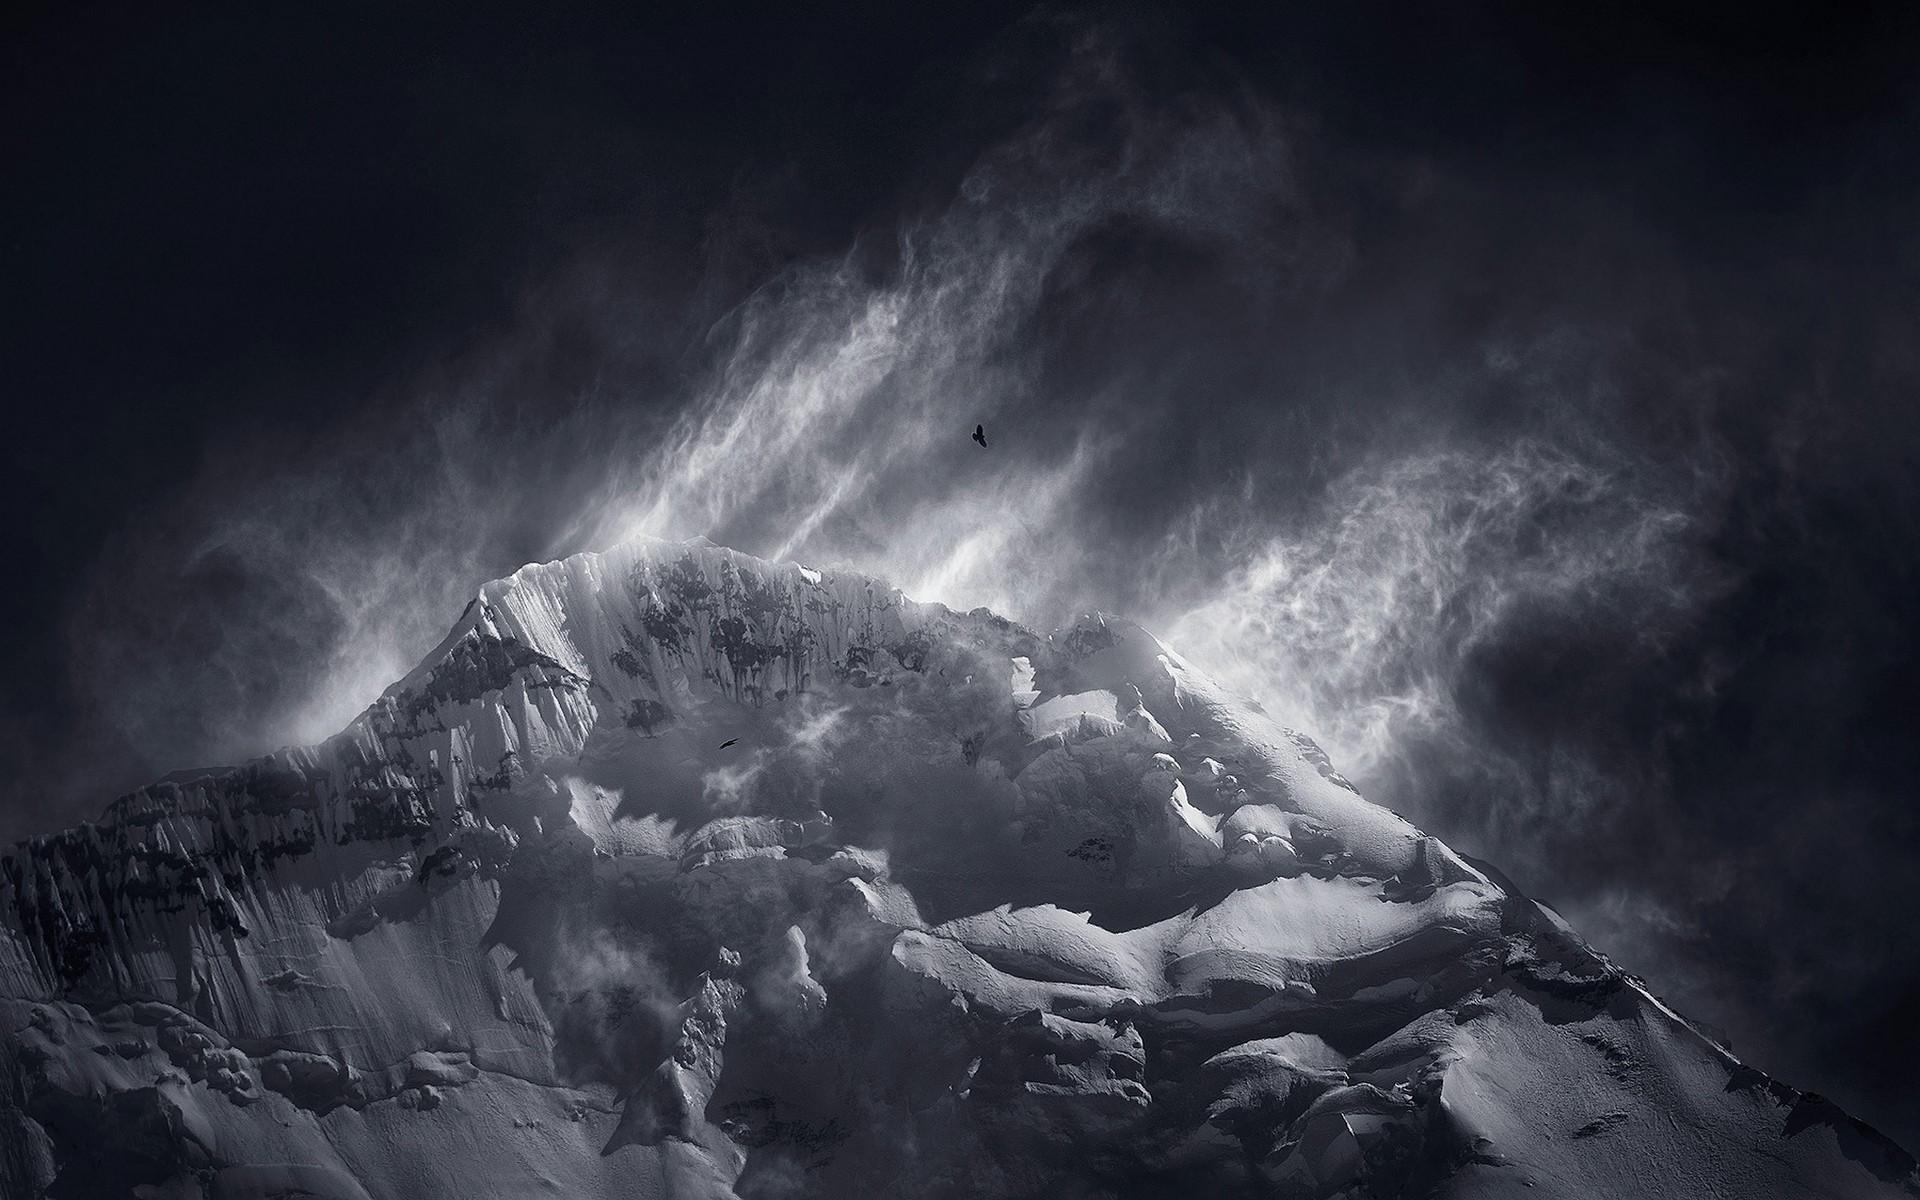 ветер в горах фото как говорится